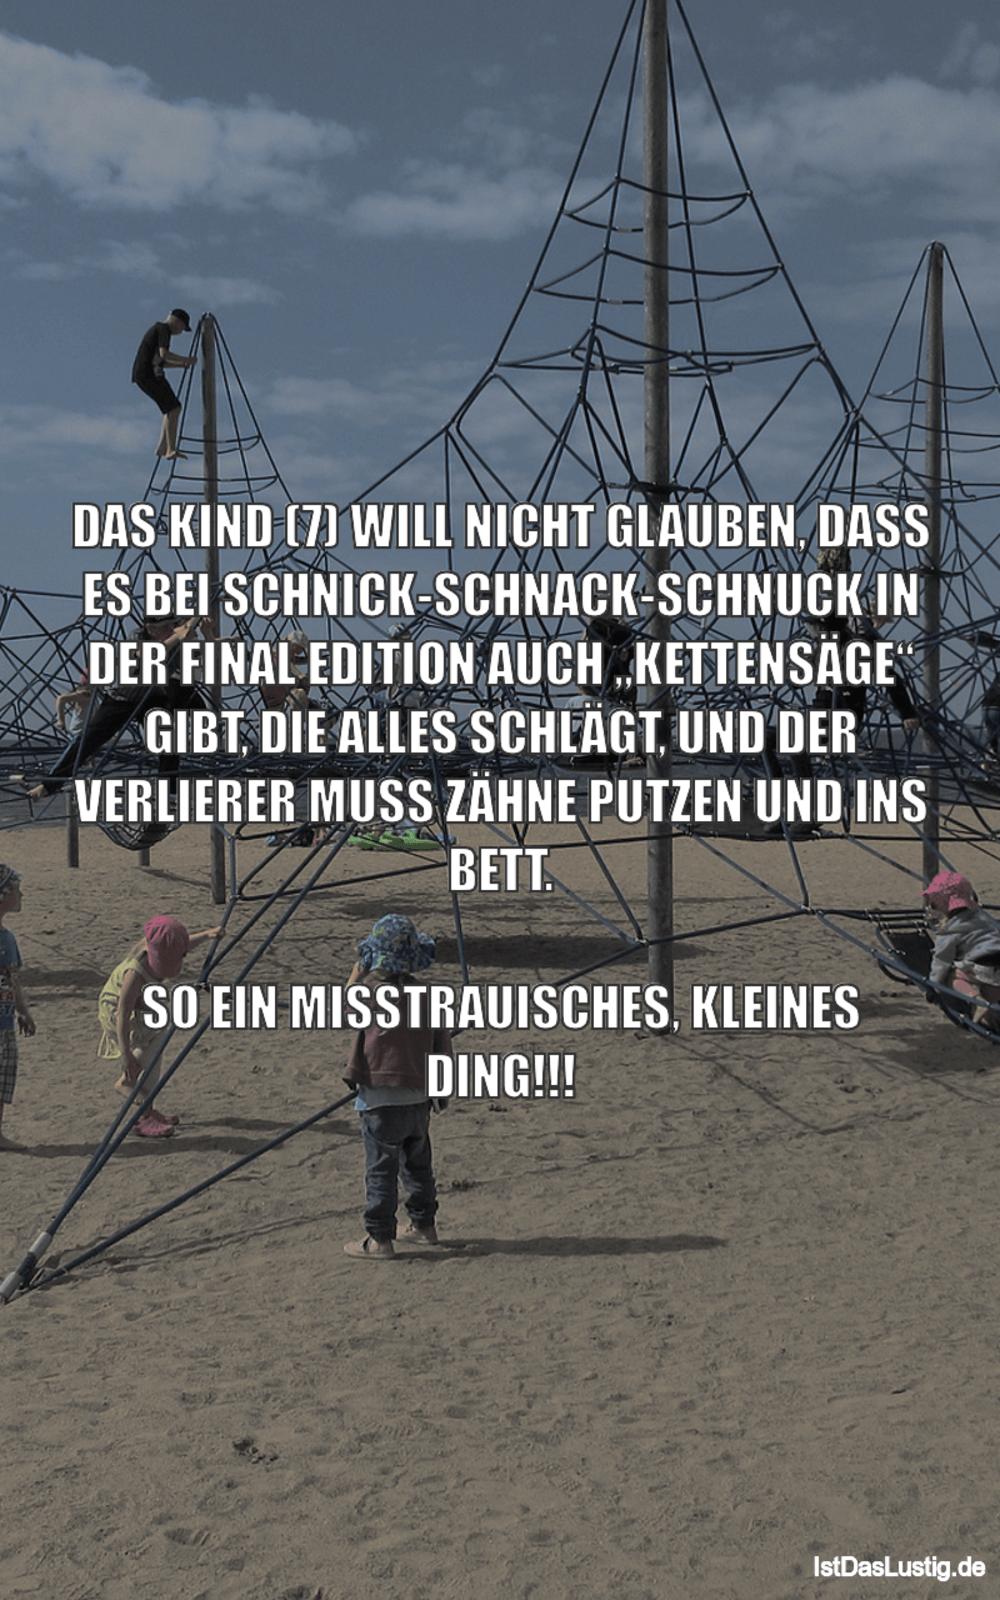 Lustiger BilderSpruch - DAS KIND (7) WILL NICHT GLAUBEN, DASS ES BEI...